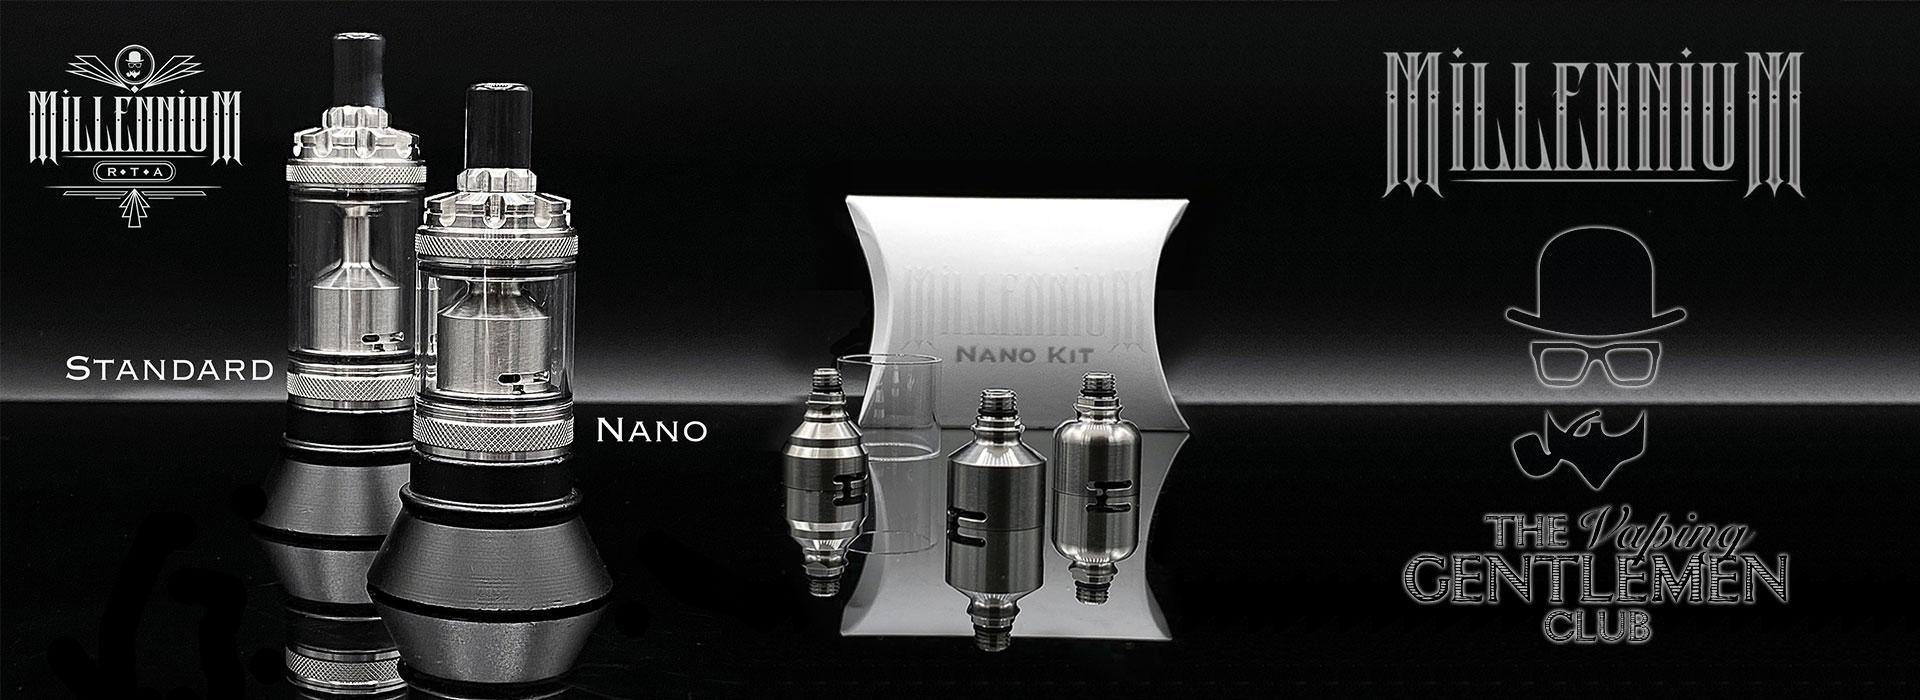 Nano Kit